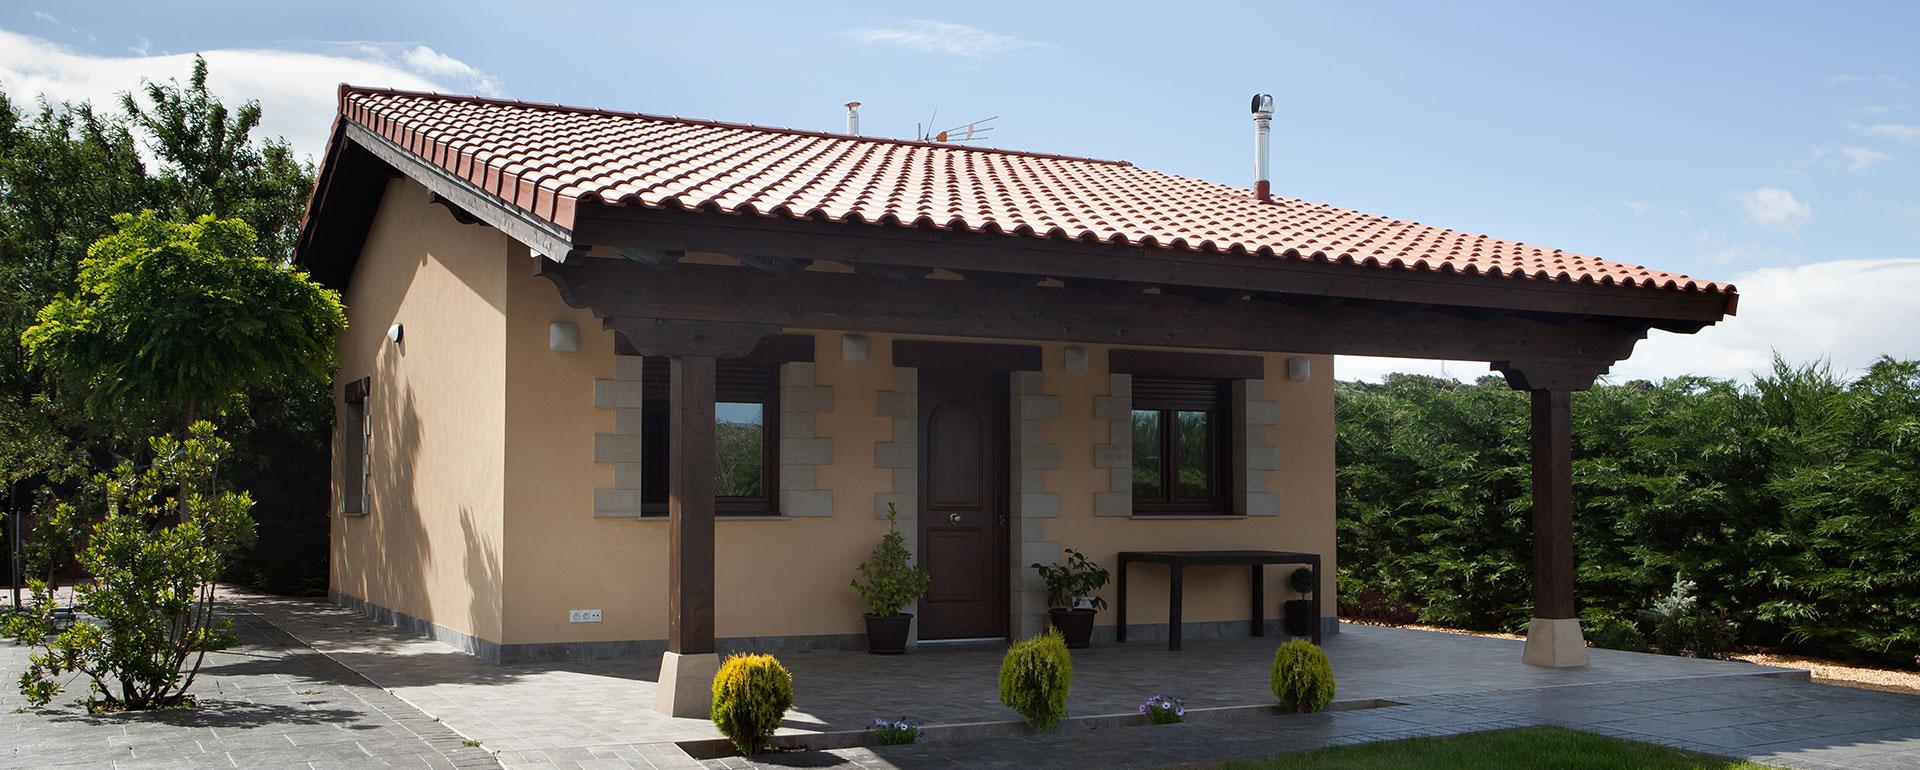 Parte exterior de una casa de recreo en Nalda